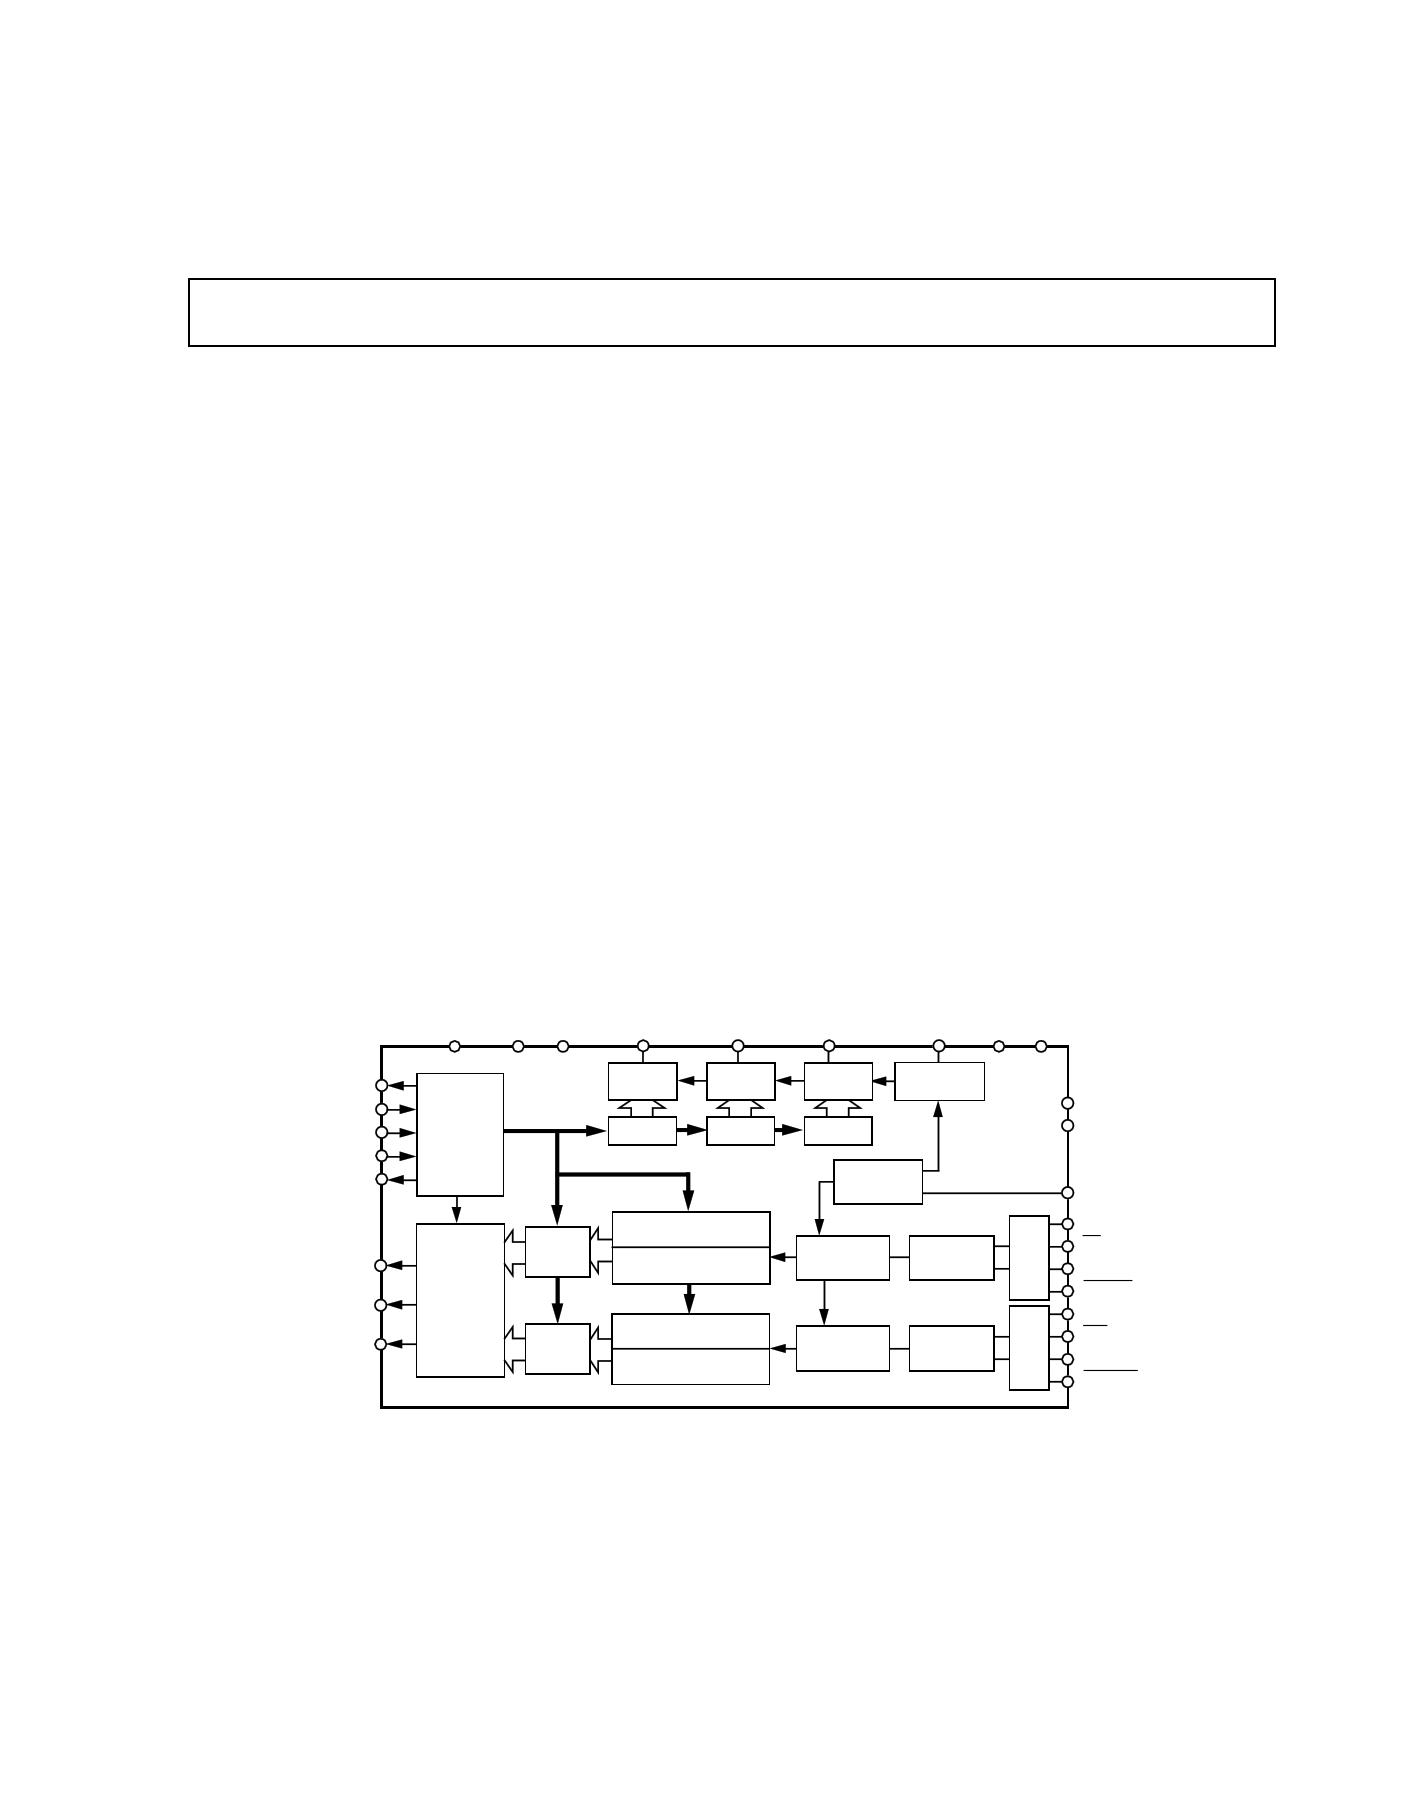 7013 دیتاشیت PDF